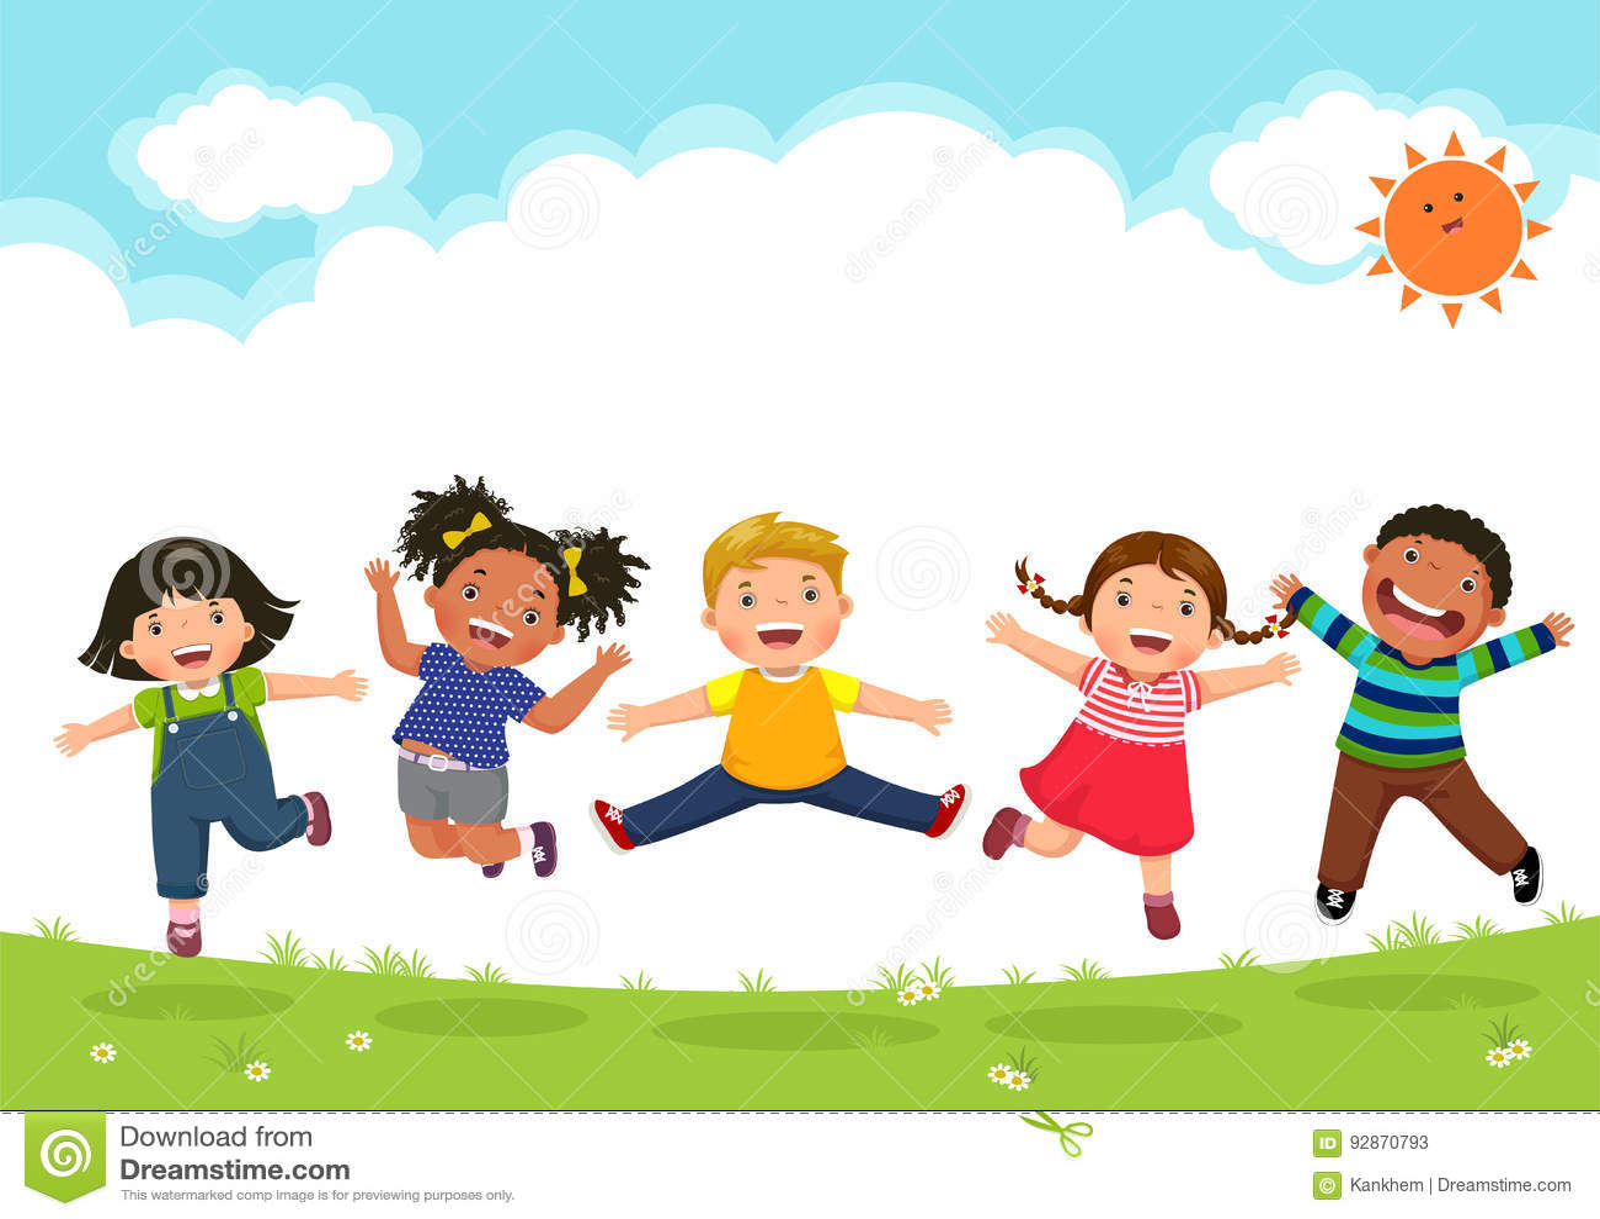 Glückliche Kinder, die zusammen während eines sonnigen Tages springen